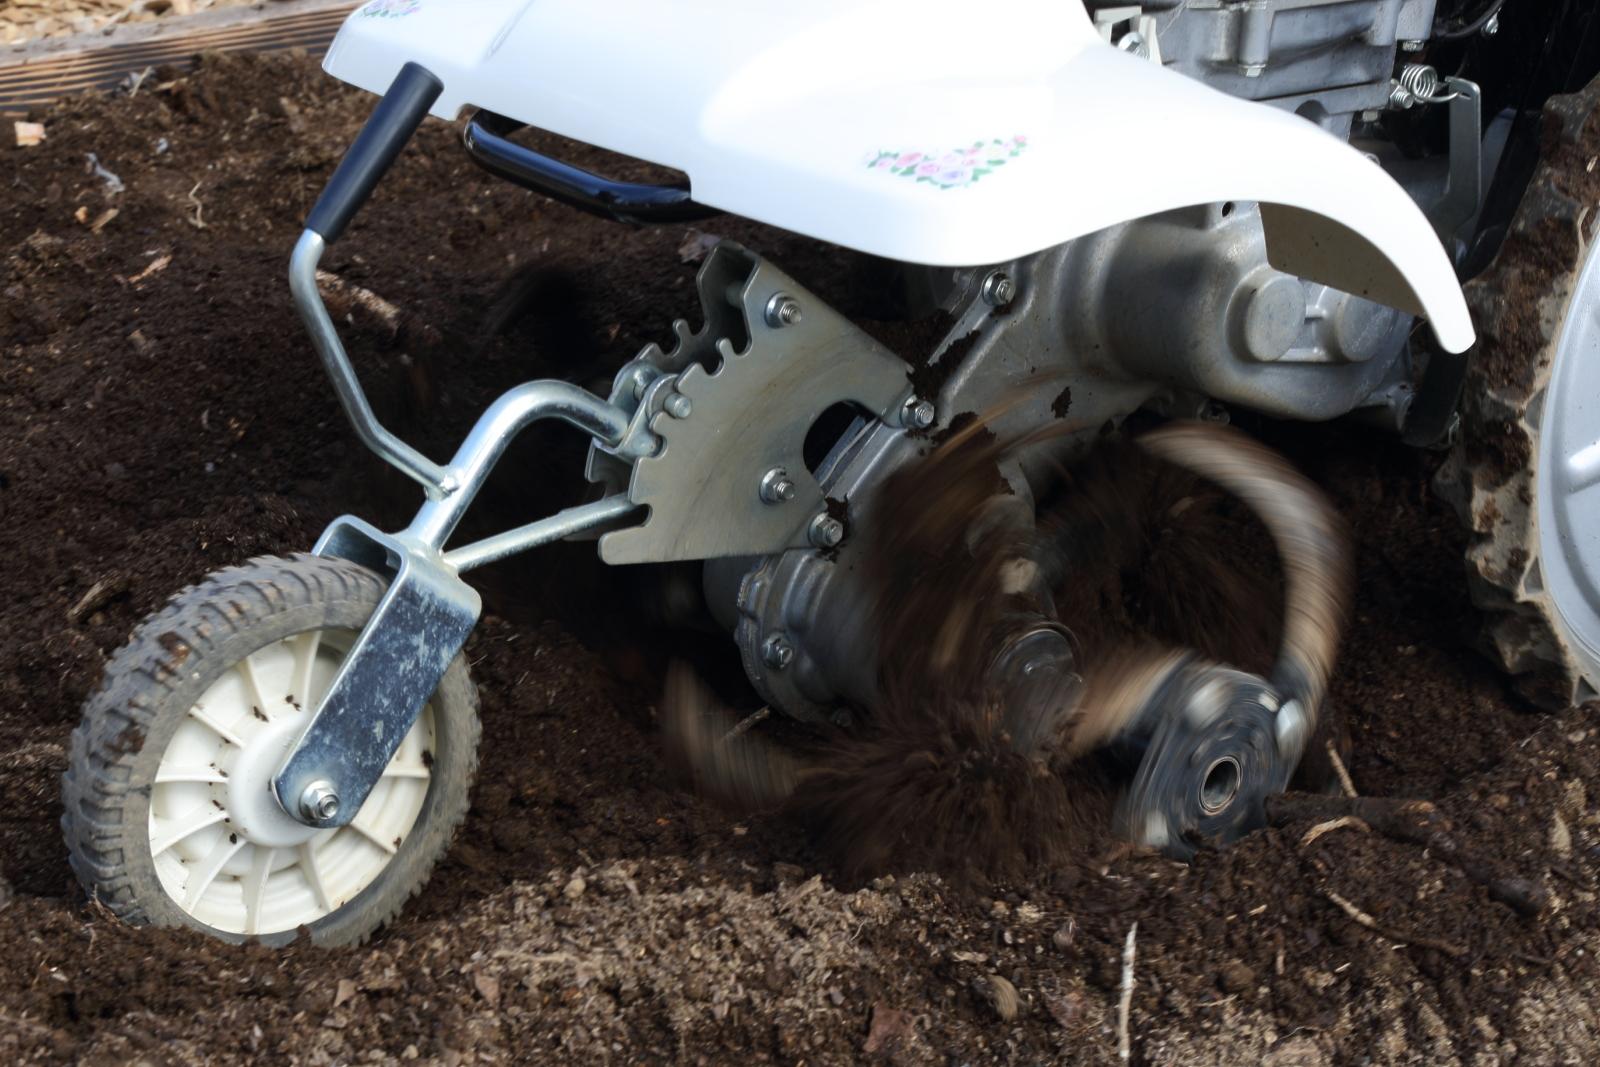 カセットガスで使用できる耕うん機や発電機も登場し、さらに広がりを見せるホンダの汎用製品